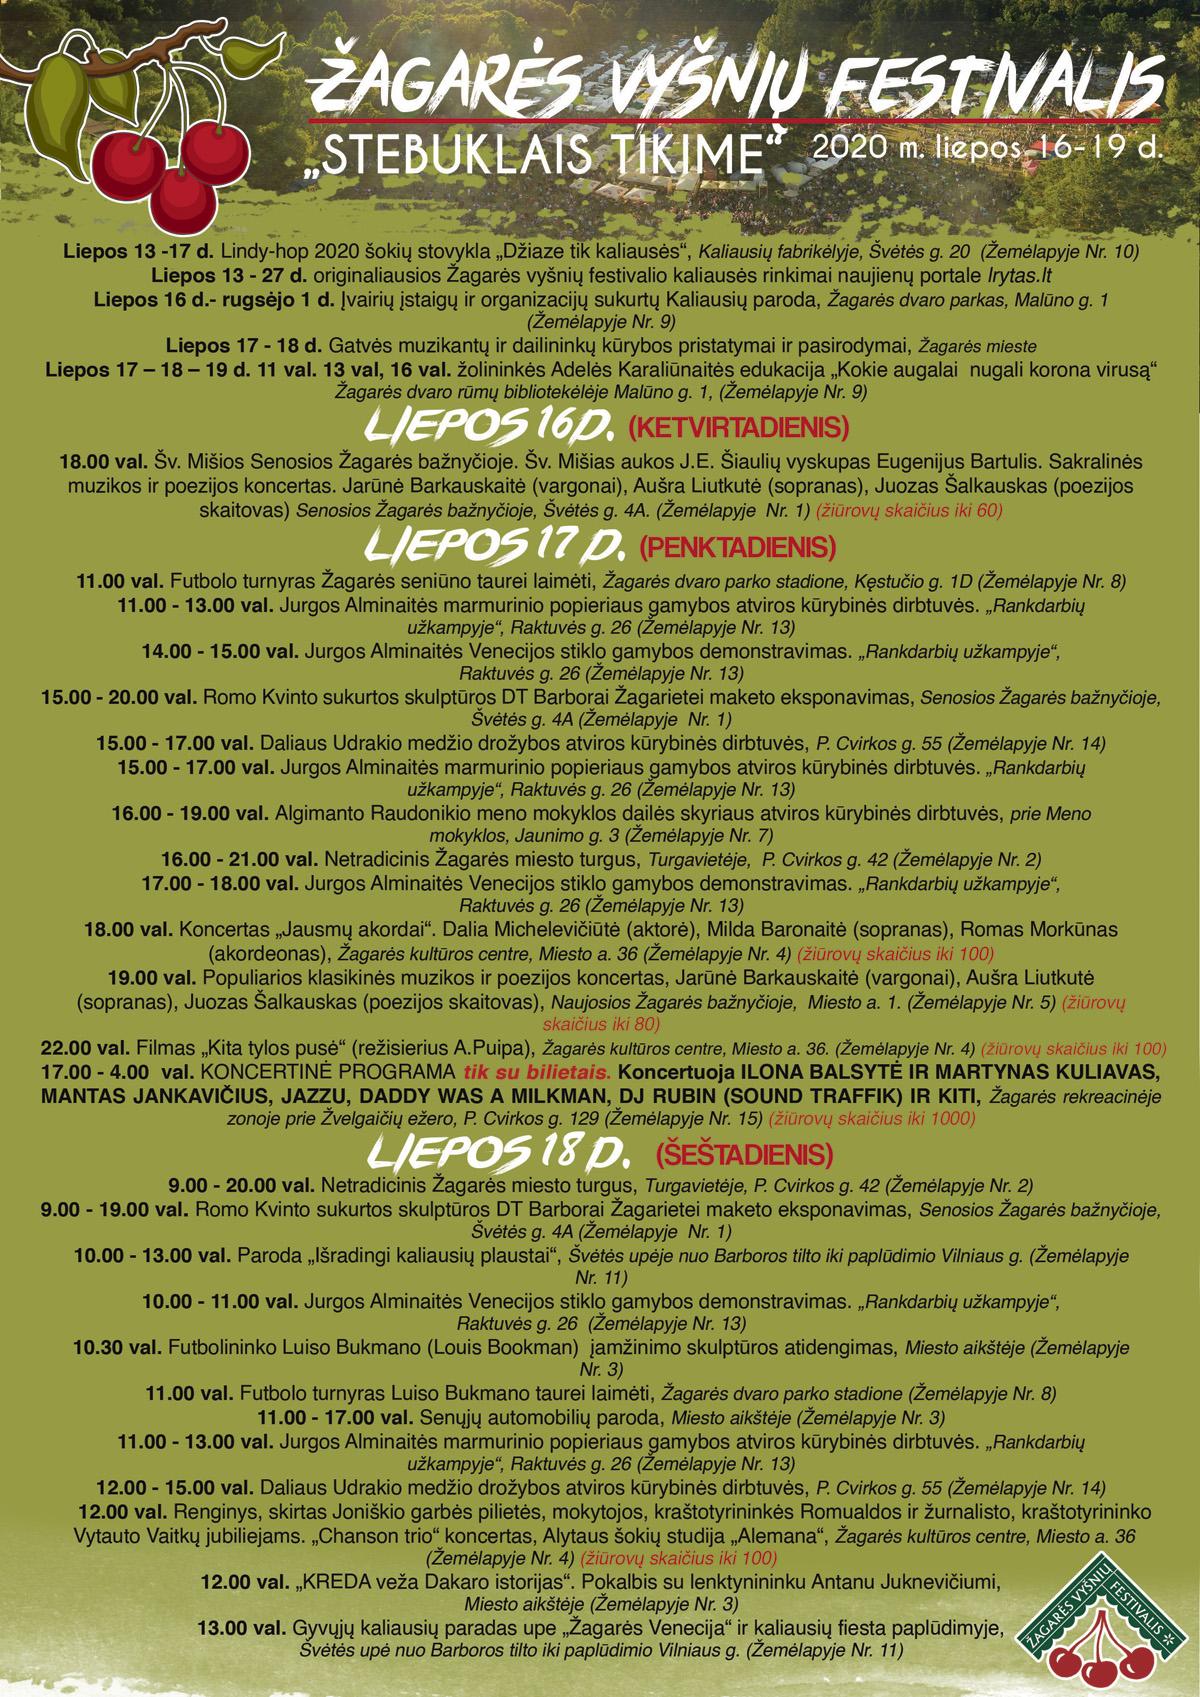 Zagares-vysniu-svente2020 .Programa